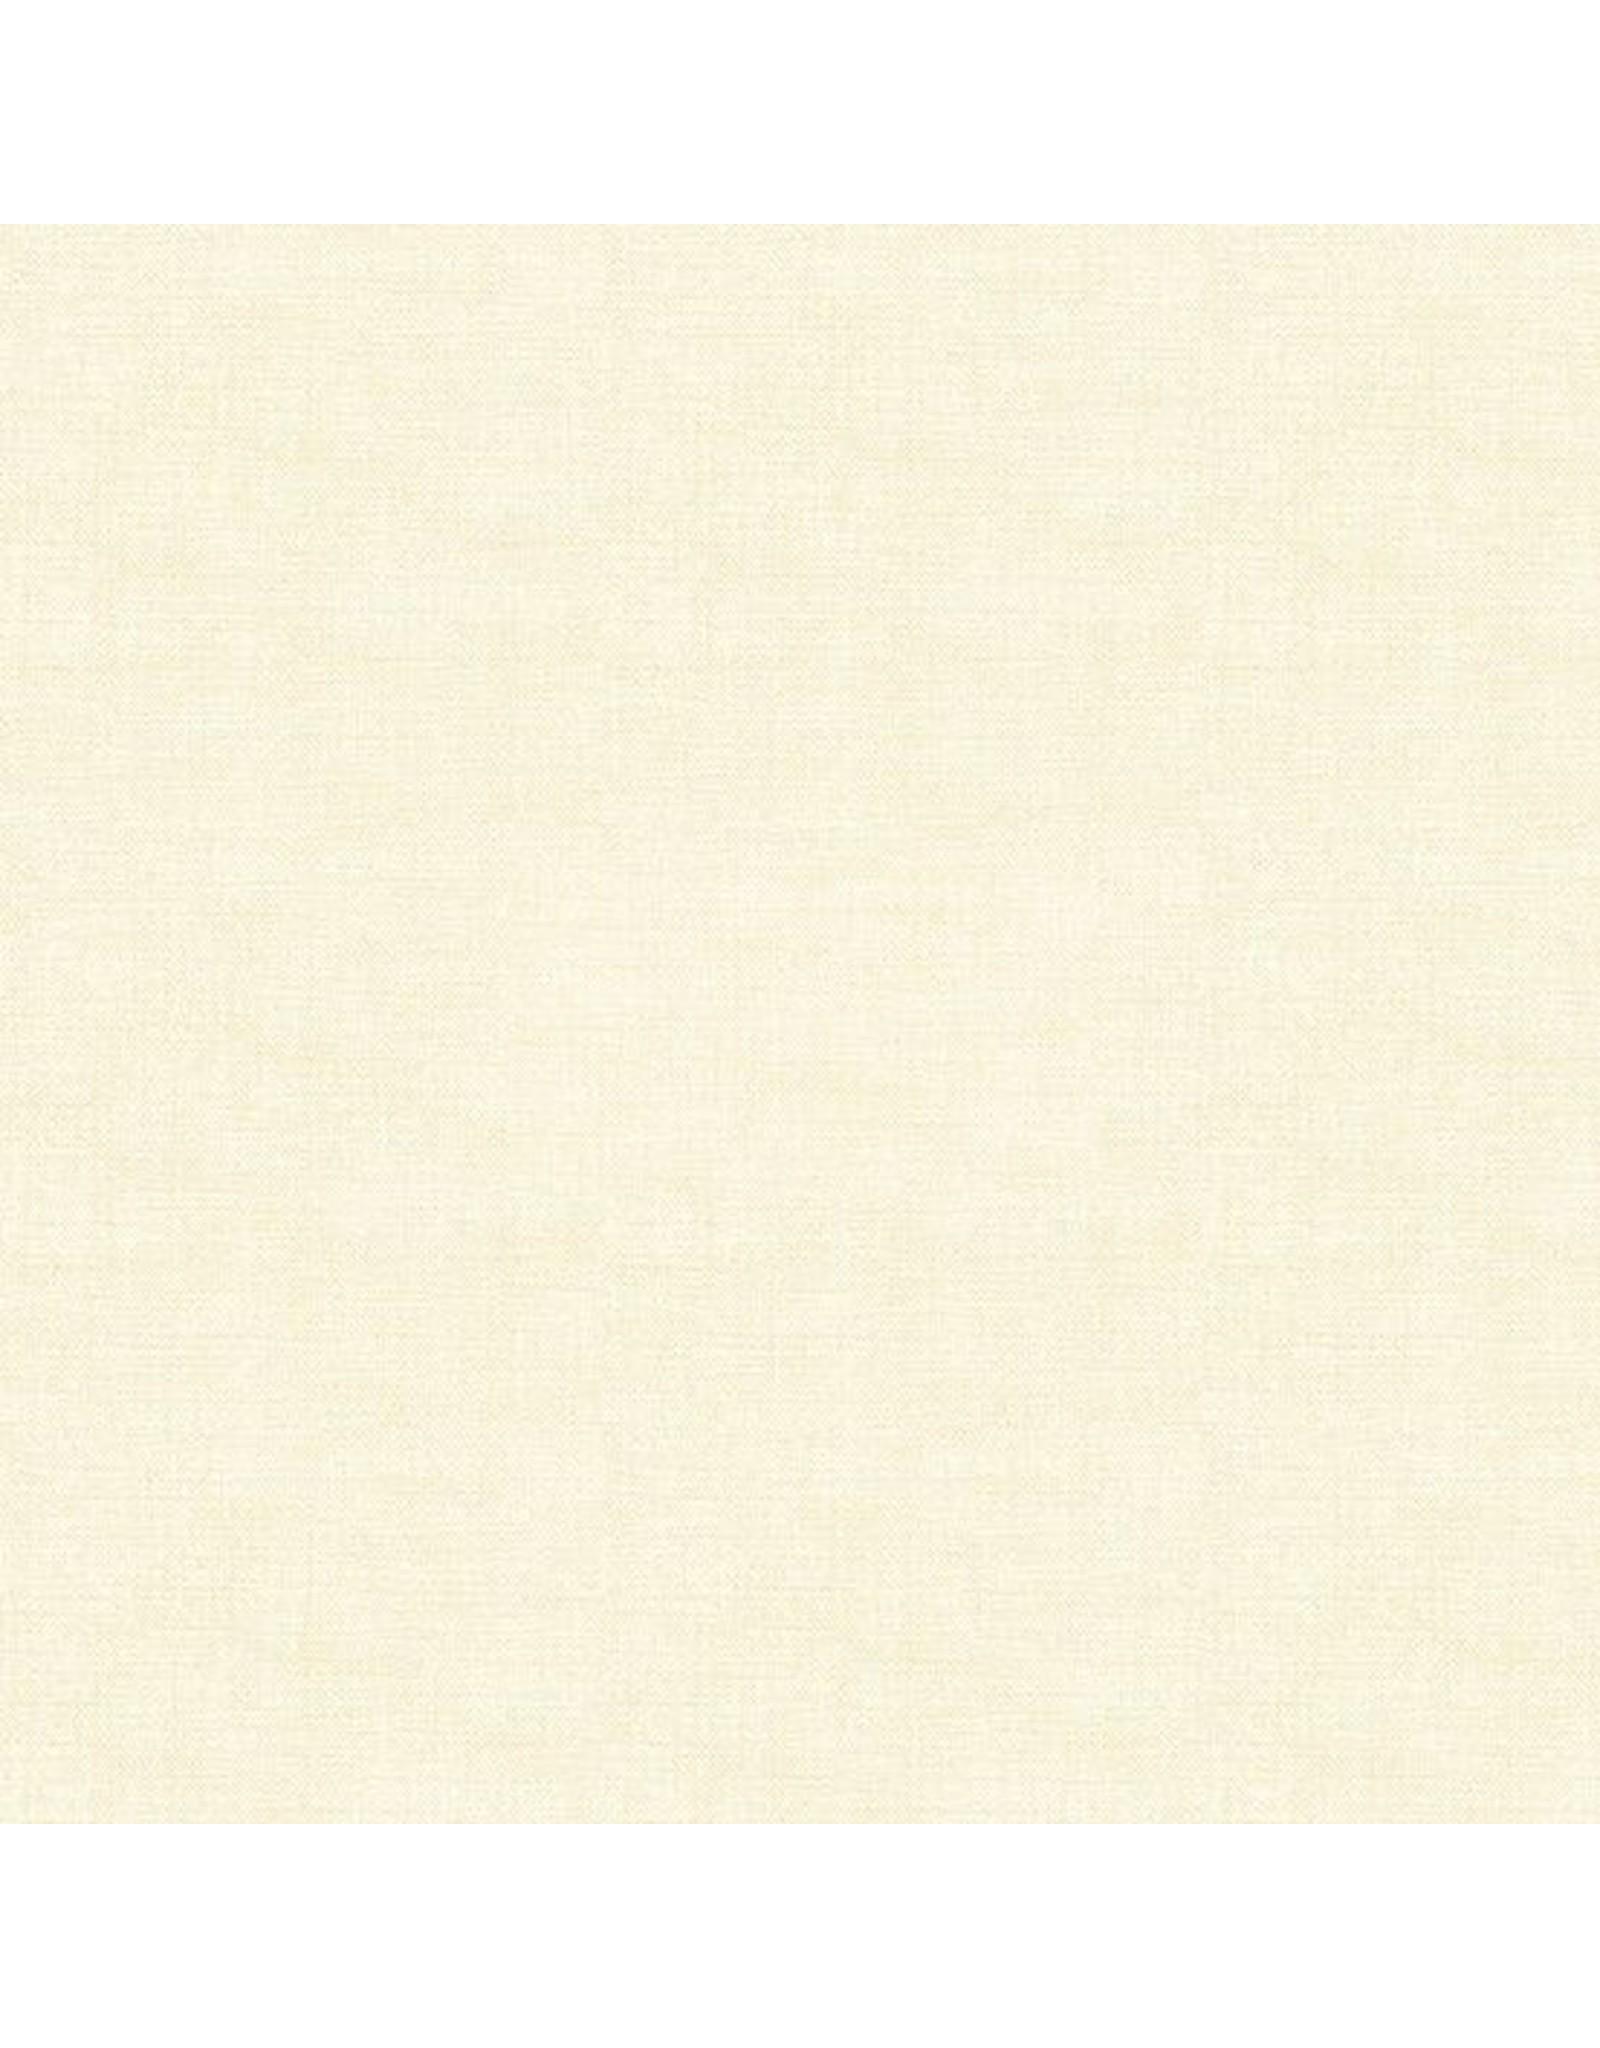 Makower UK Linen Texture - Vanilla